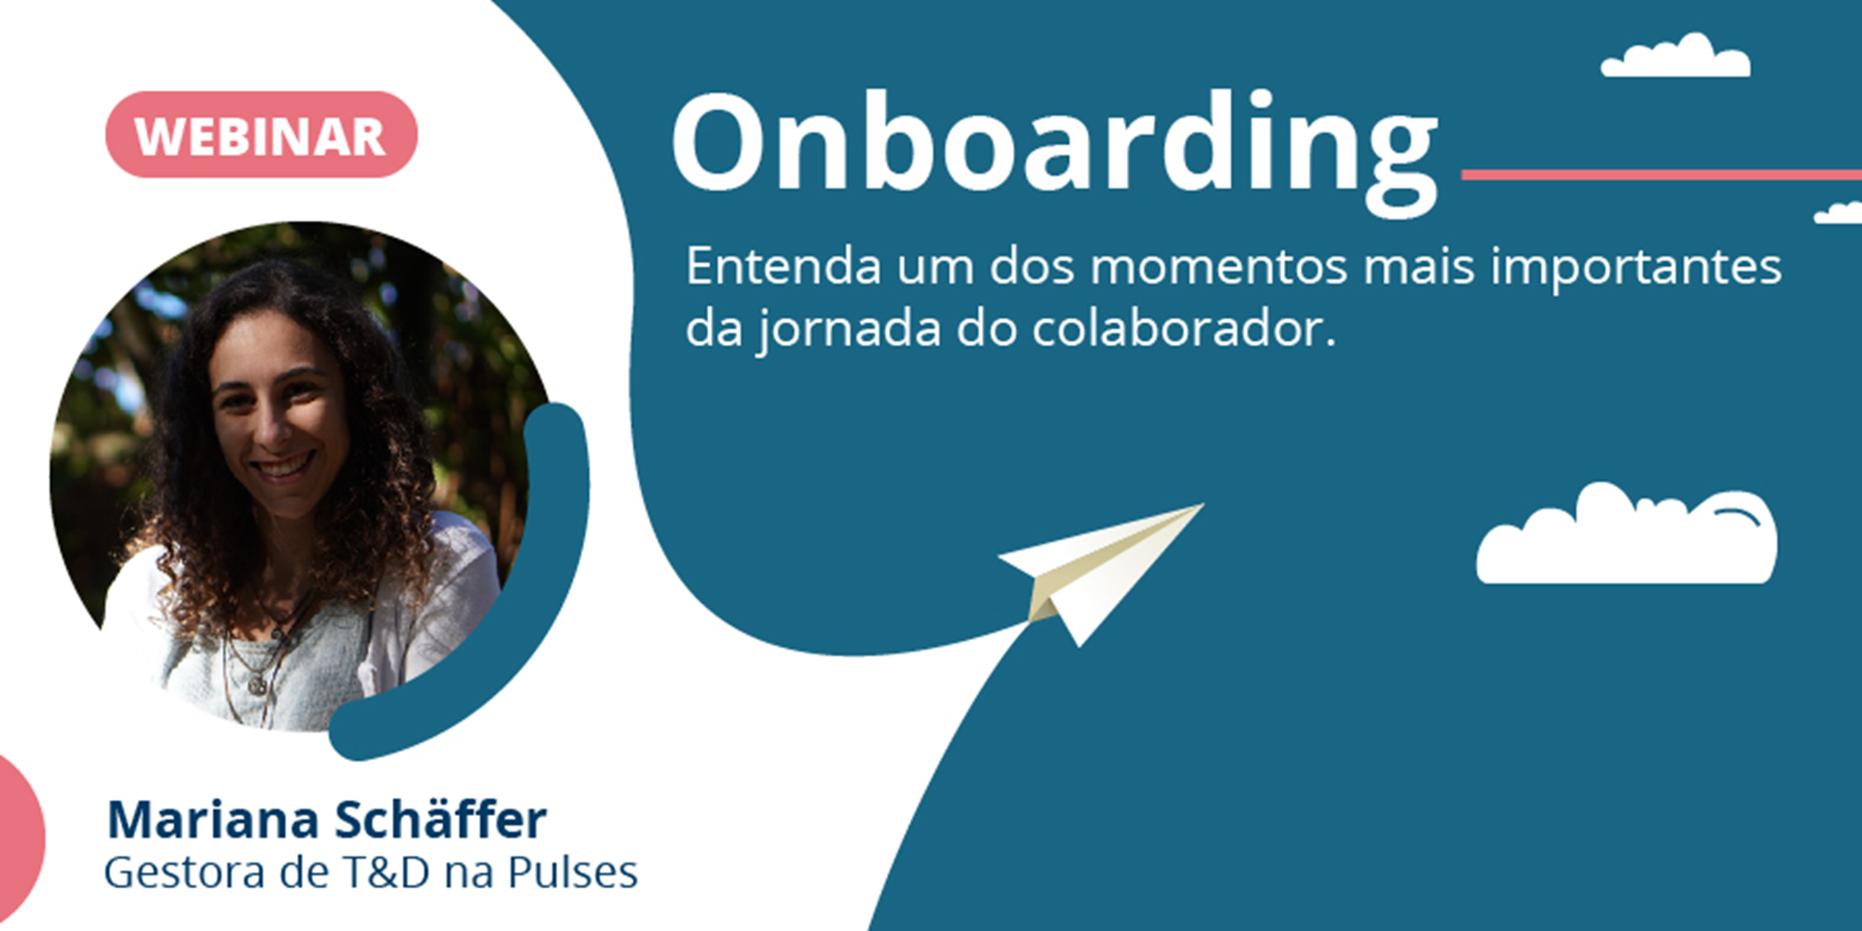 webinar-onboarding